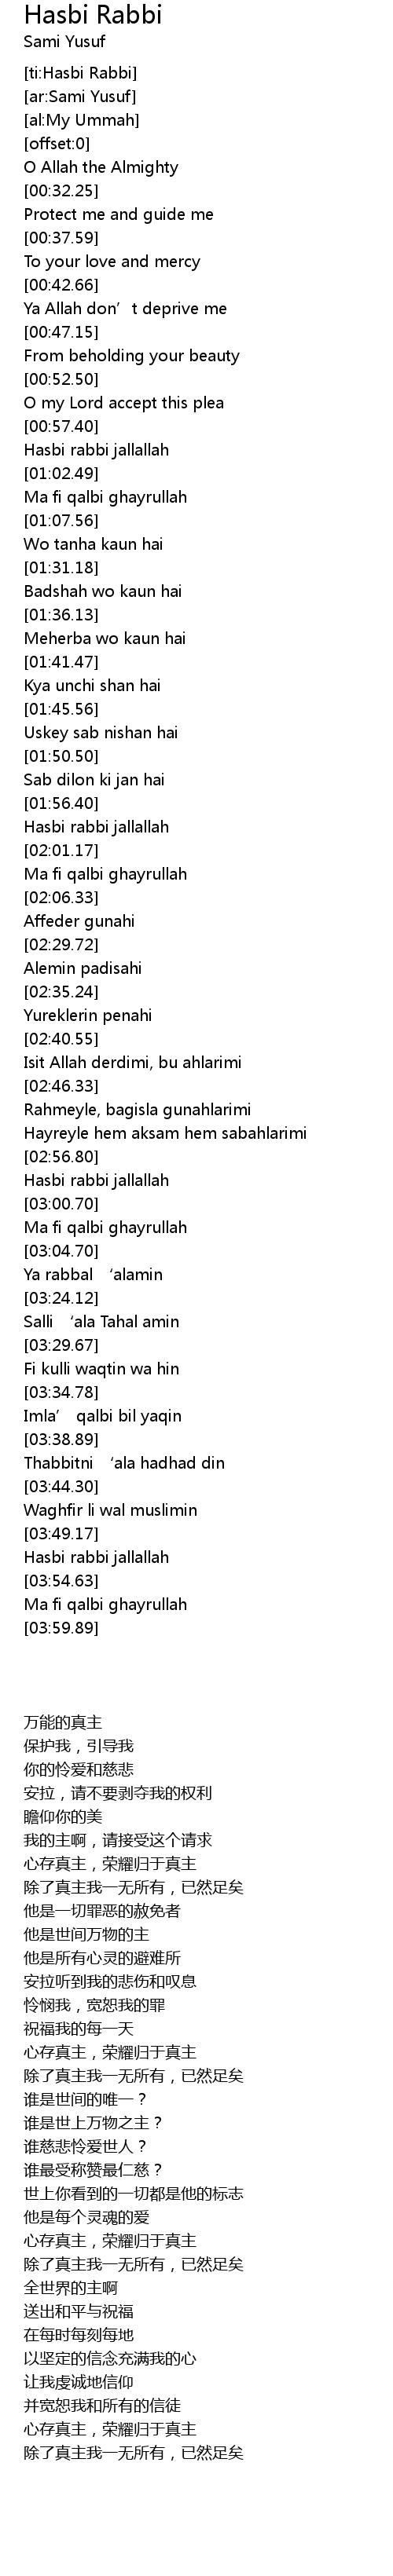 Lirik Hasbi Rabbi : lirik, hasbi, rabbi, Yusuf, Hasbi, Rabbi, Sözleri, Arapça